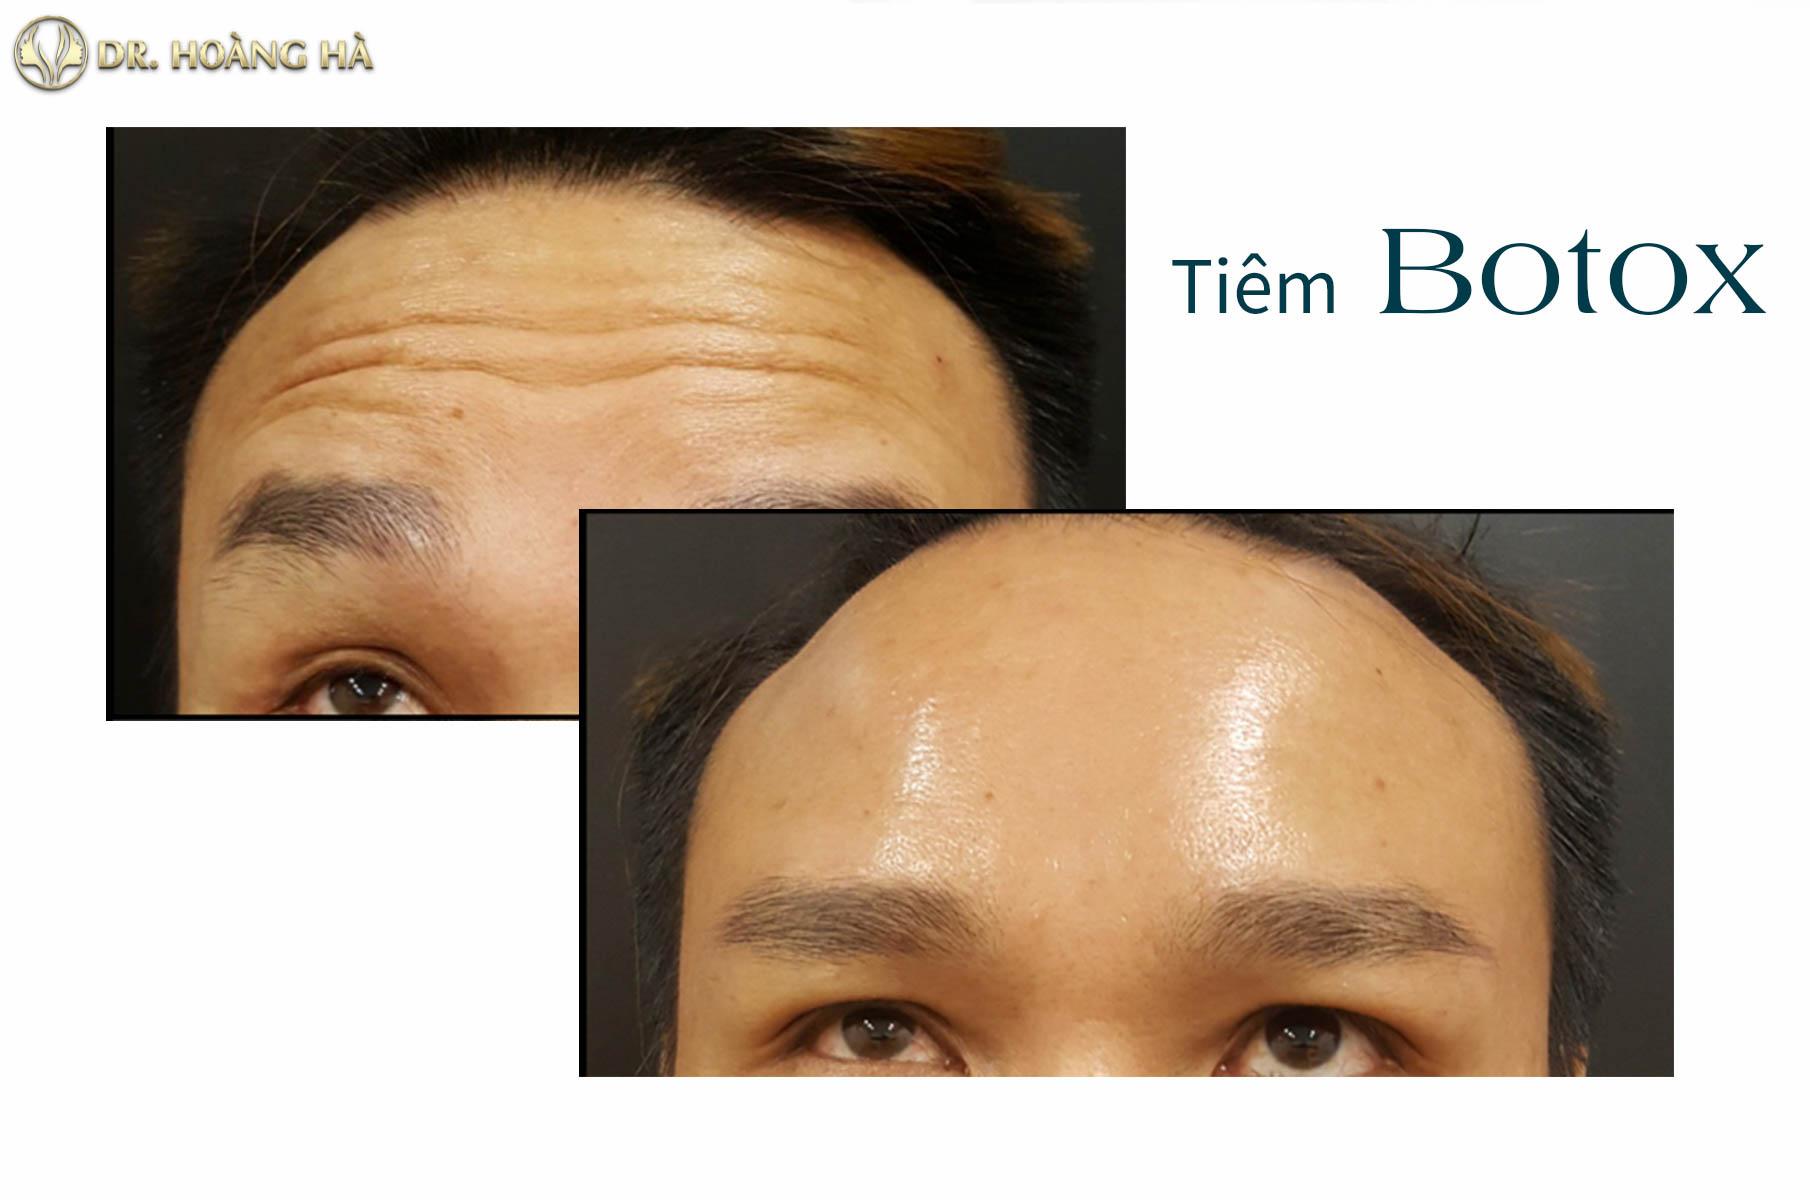 Khách hàng sau khi tiêm botox tại Dr Hoàng Hà